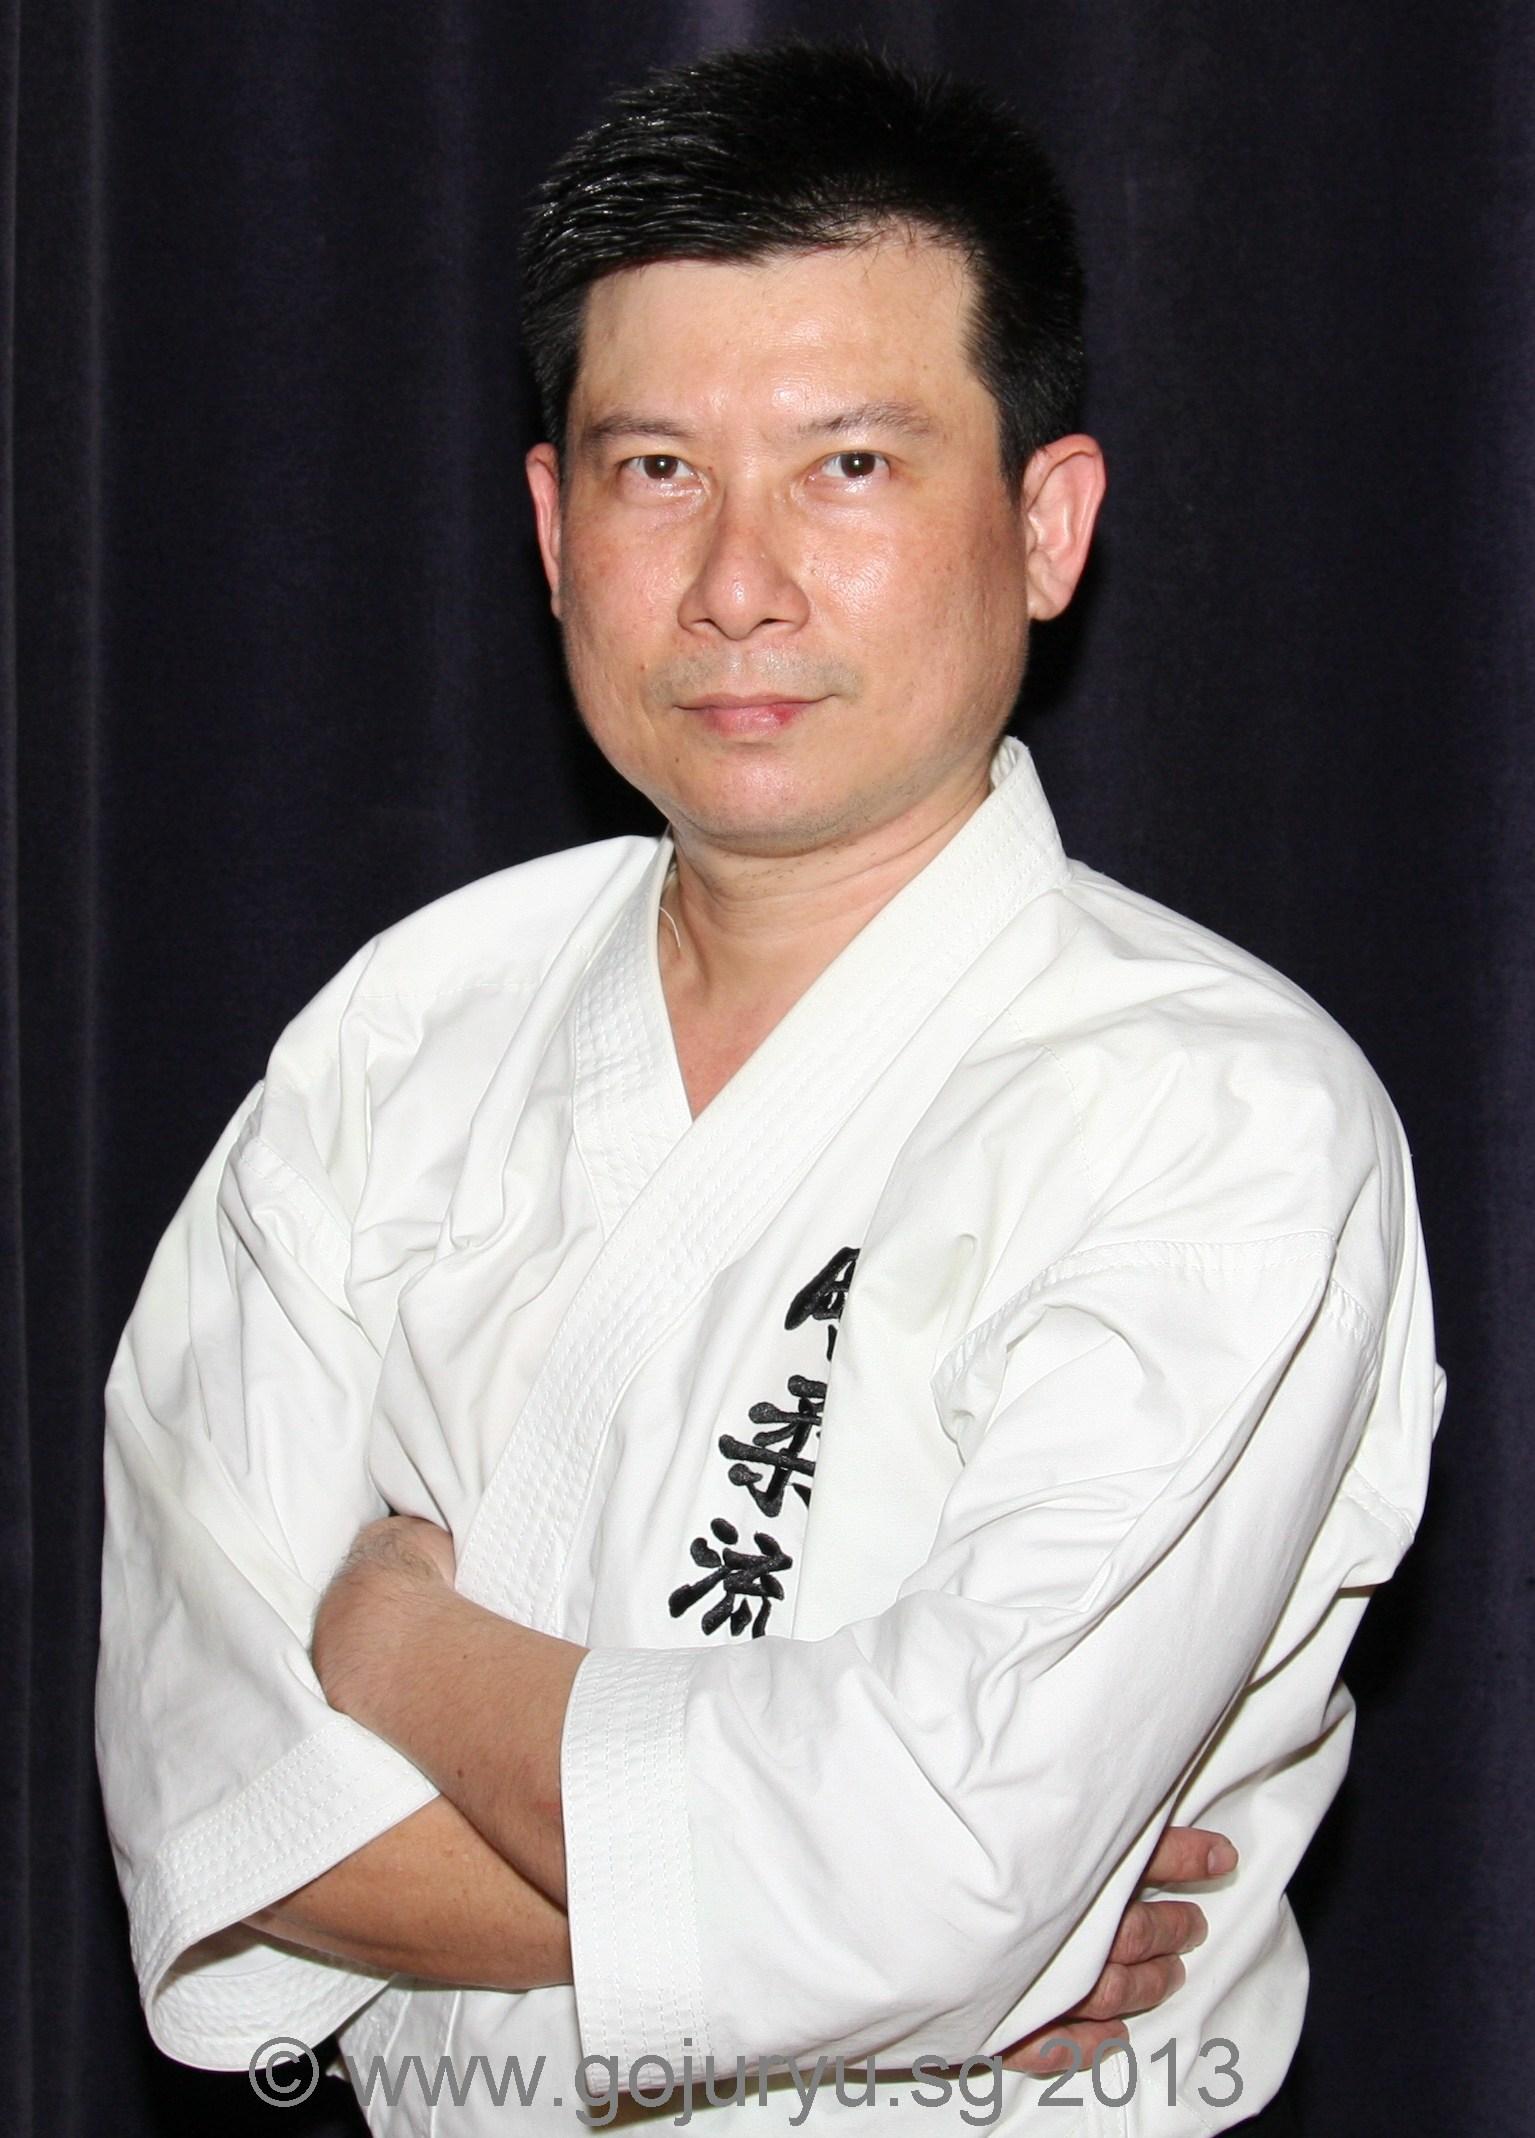 Tan Jin Kia